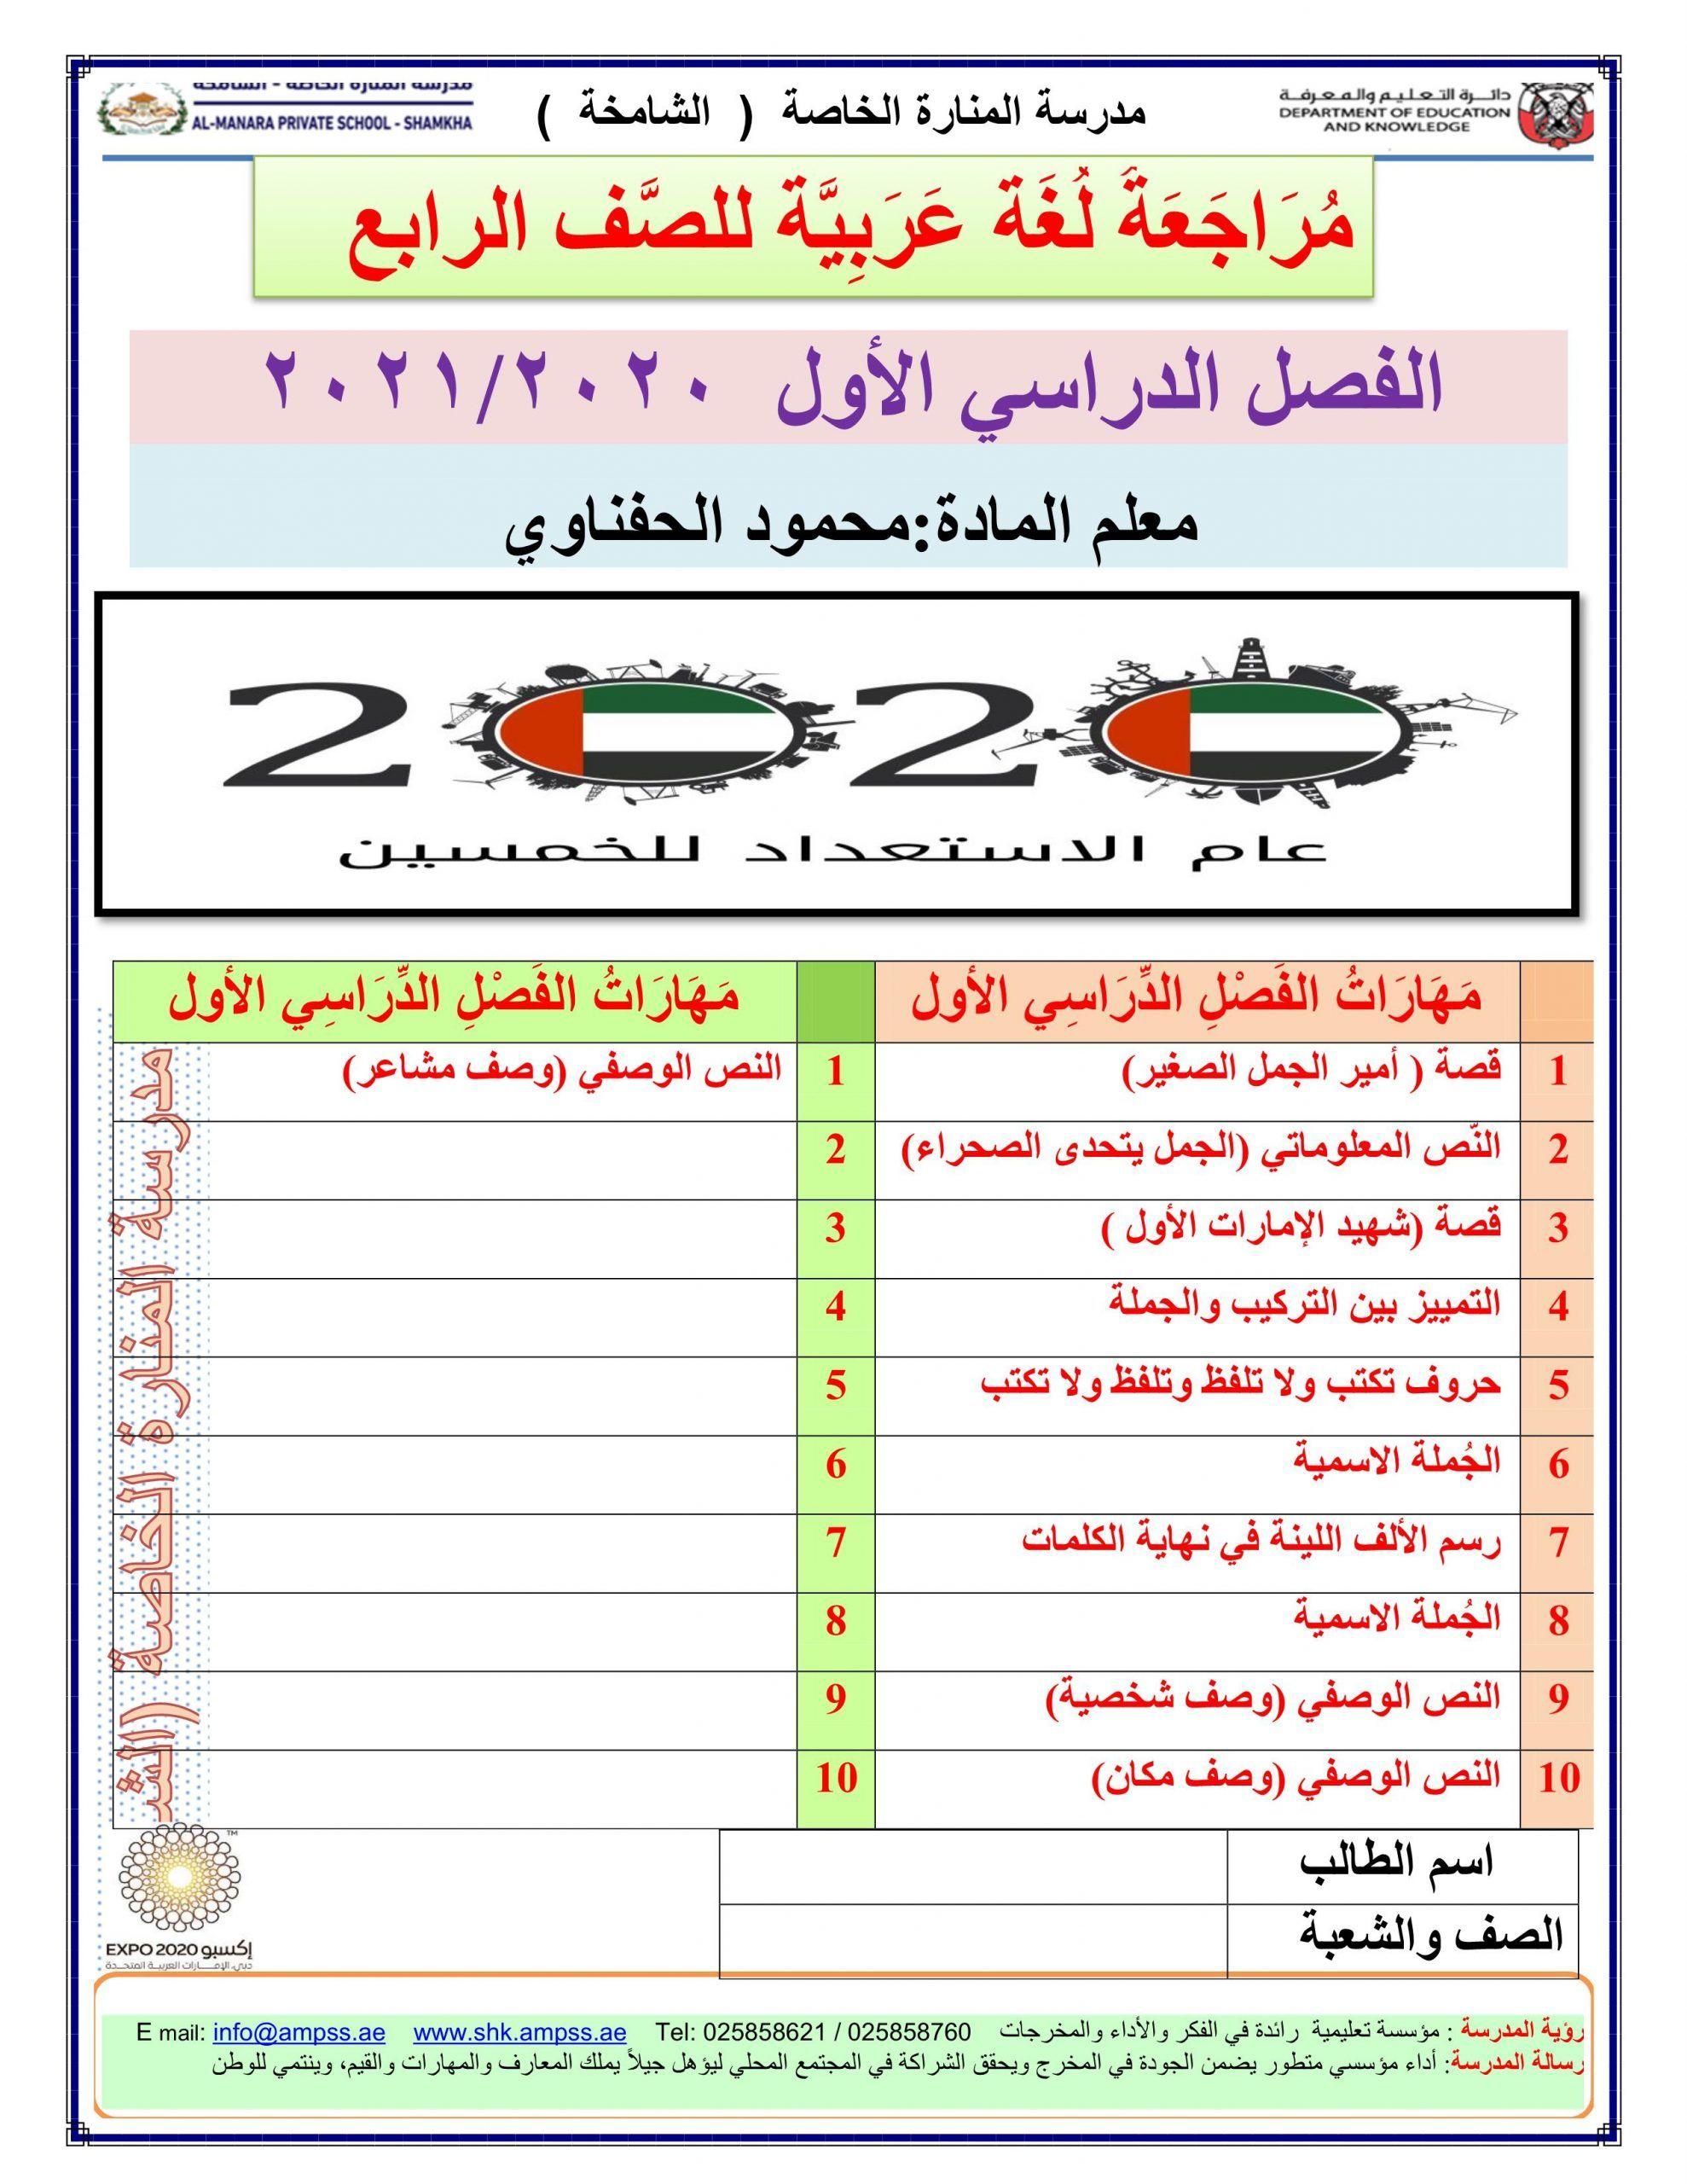 اوراق عمل متنوعة مراجعة نهائية الصف الرابع مادة اللغة العربية Map Map Screenshot